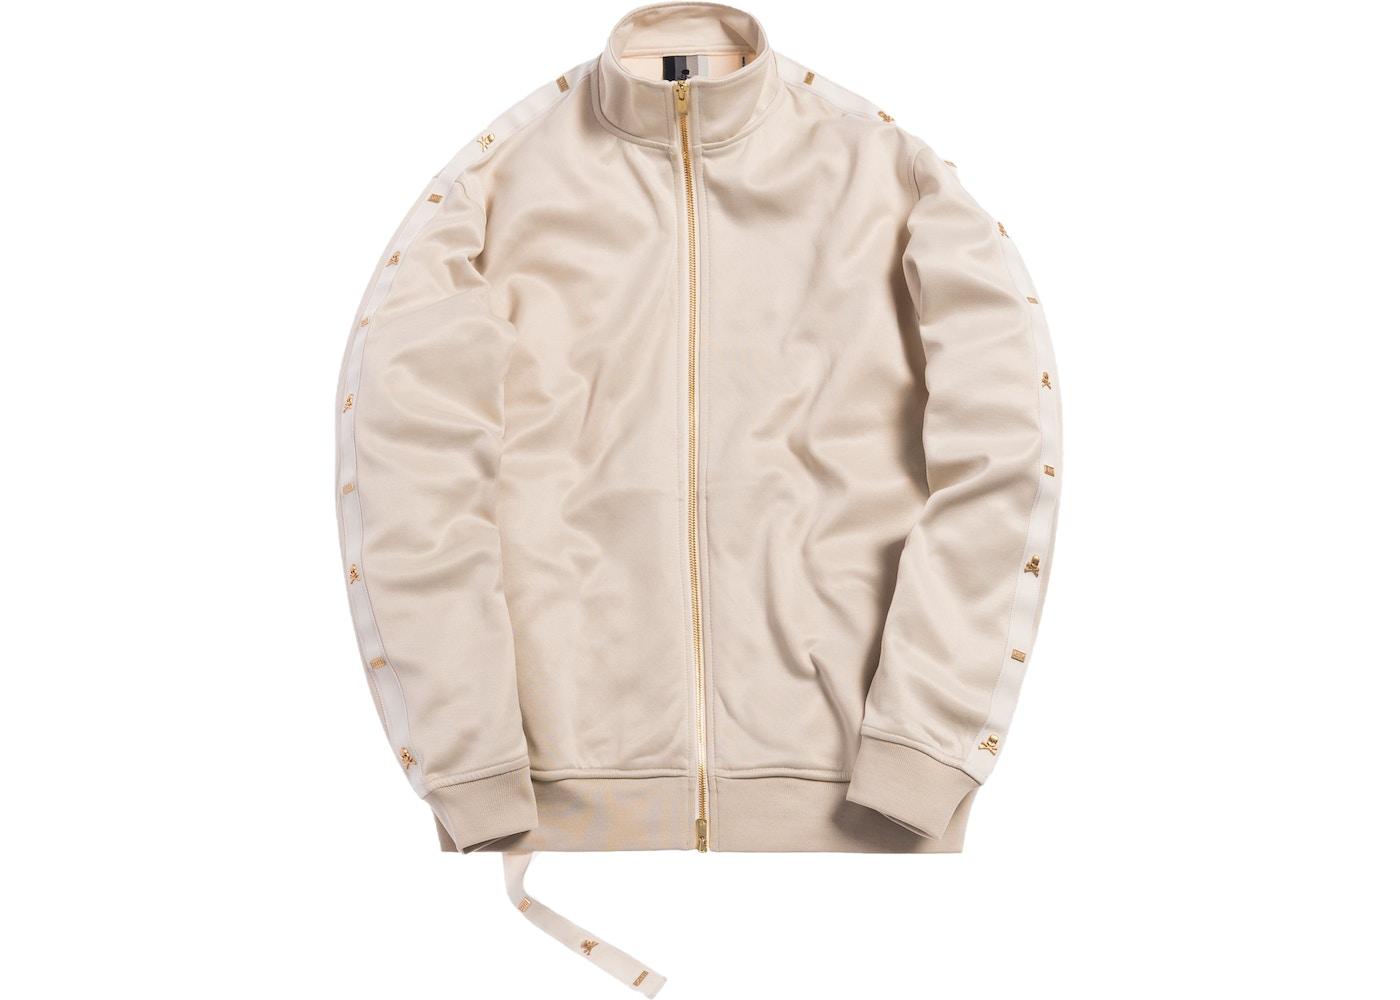 f61b4234e1a8f Streetwear - Kith Jackets - New Lowest Asks